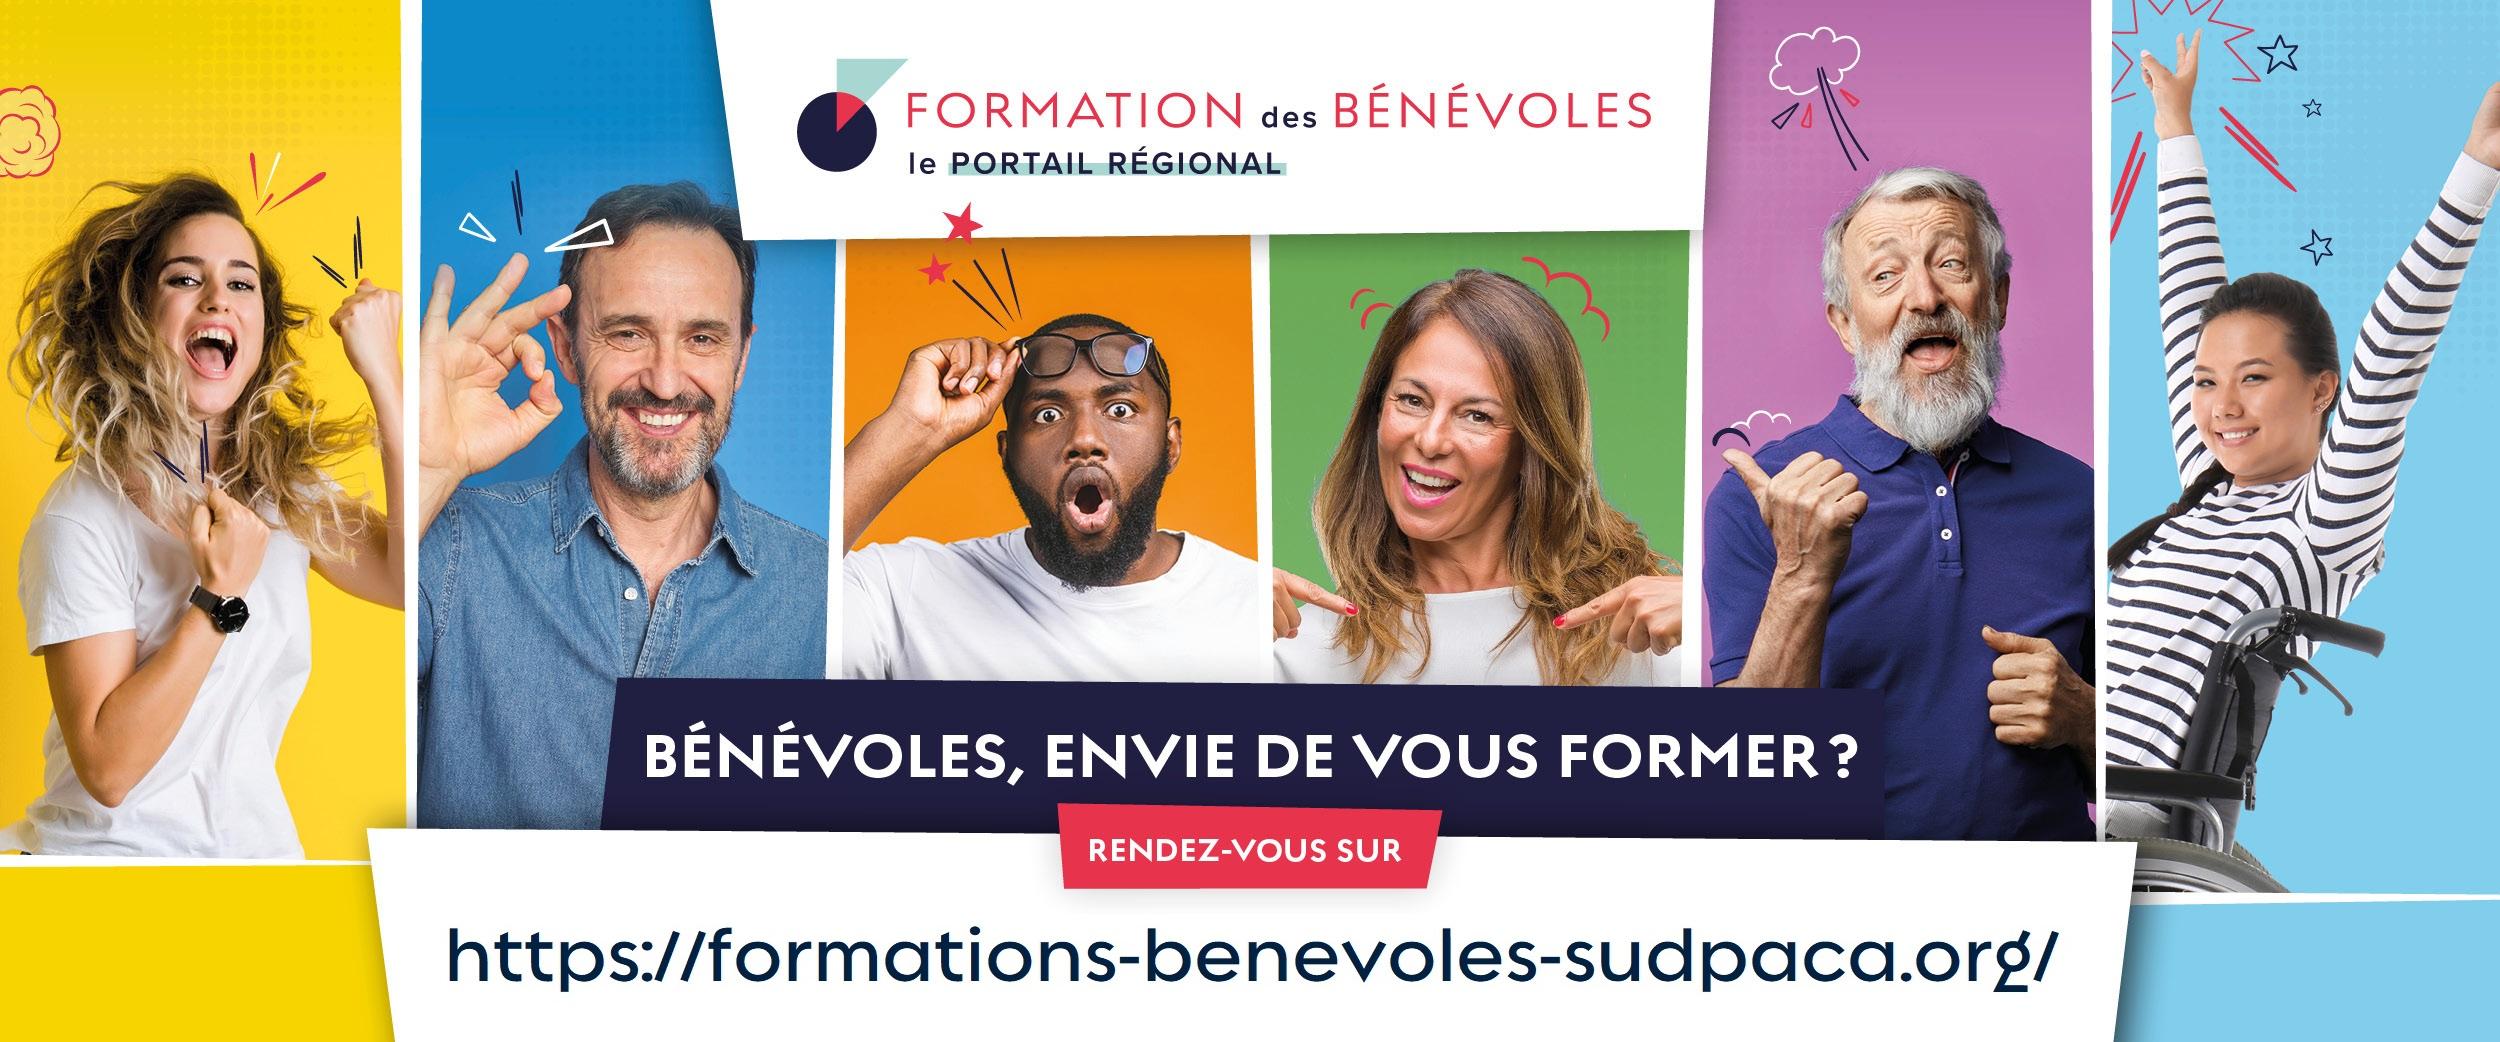 PORTAIL REGIONAL DE FORMATION DES BENEVOLES